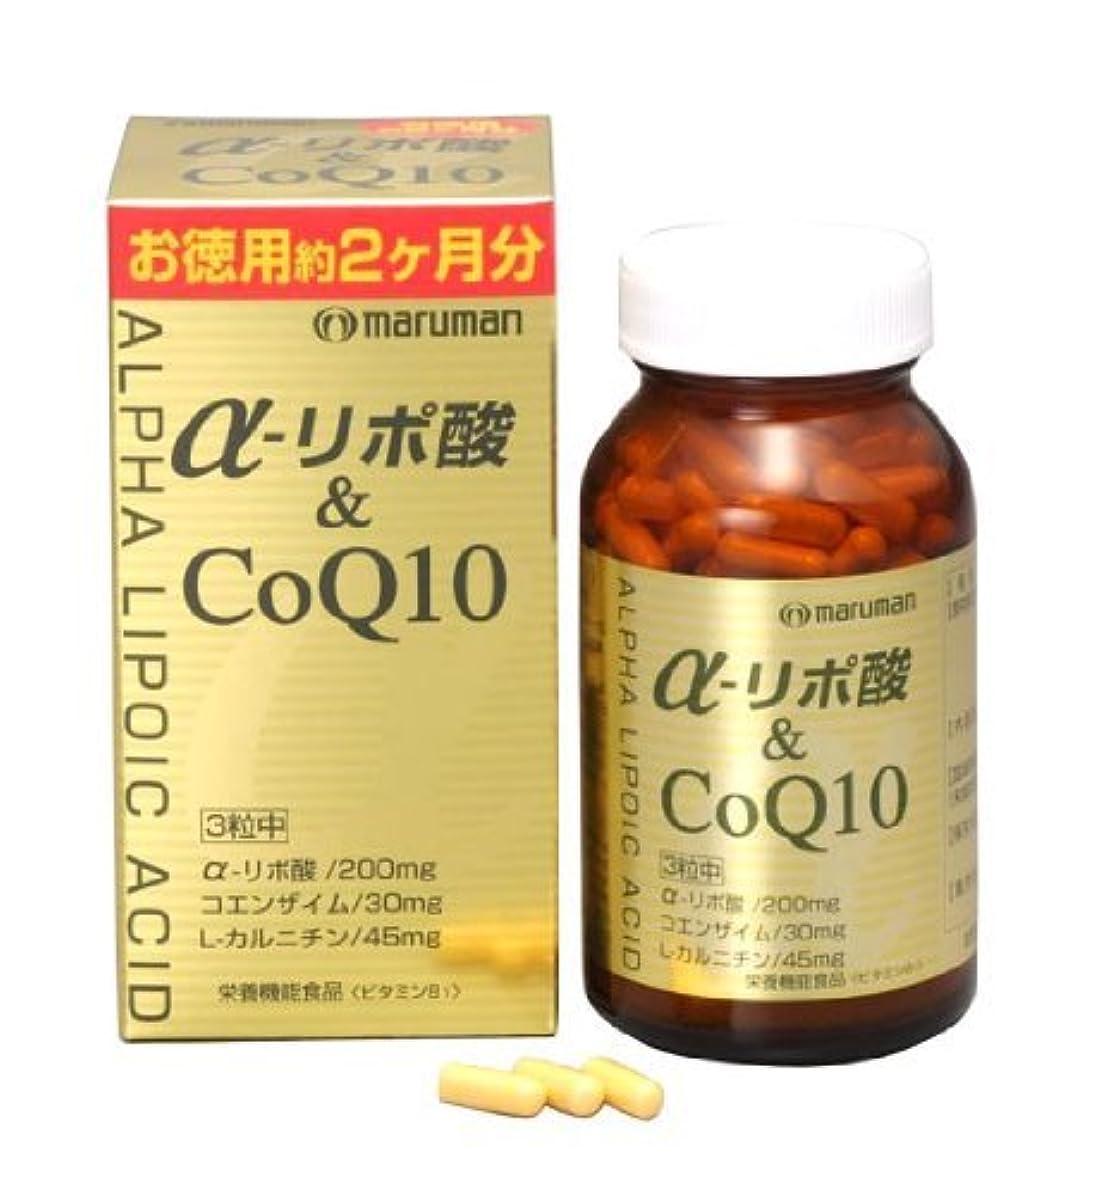 心臓サポート被るαリポ酸&COQ10 徳用2ヶ月分 話題の成分配合